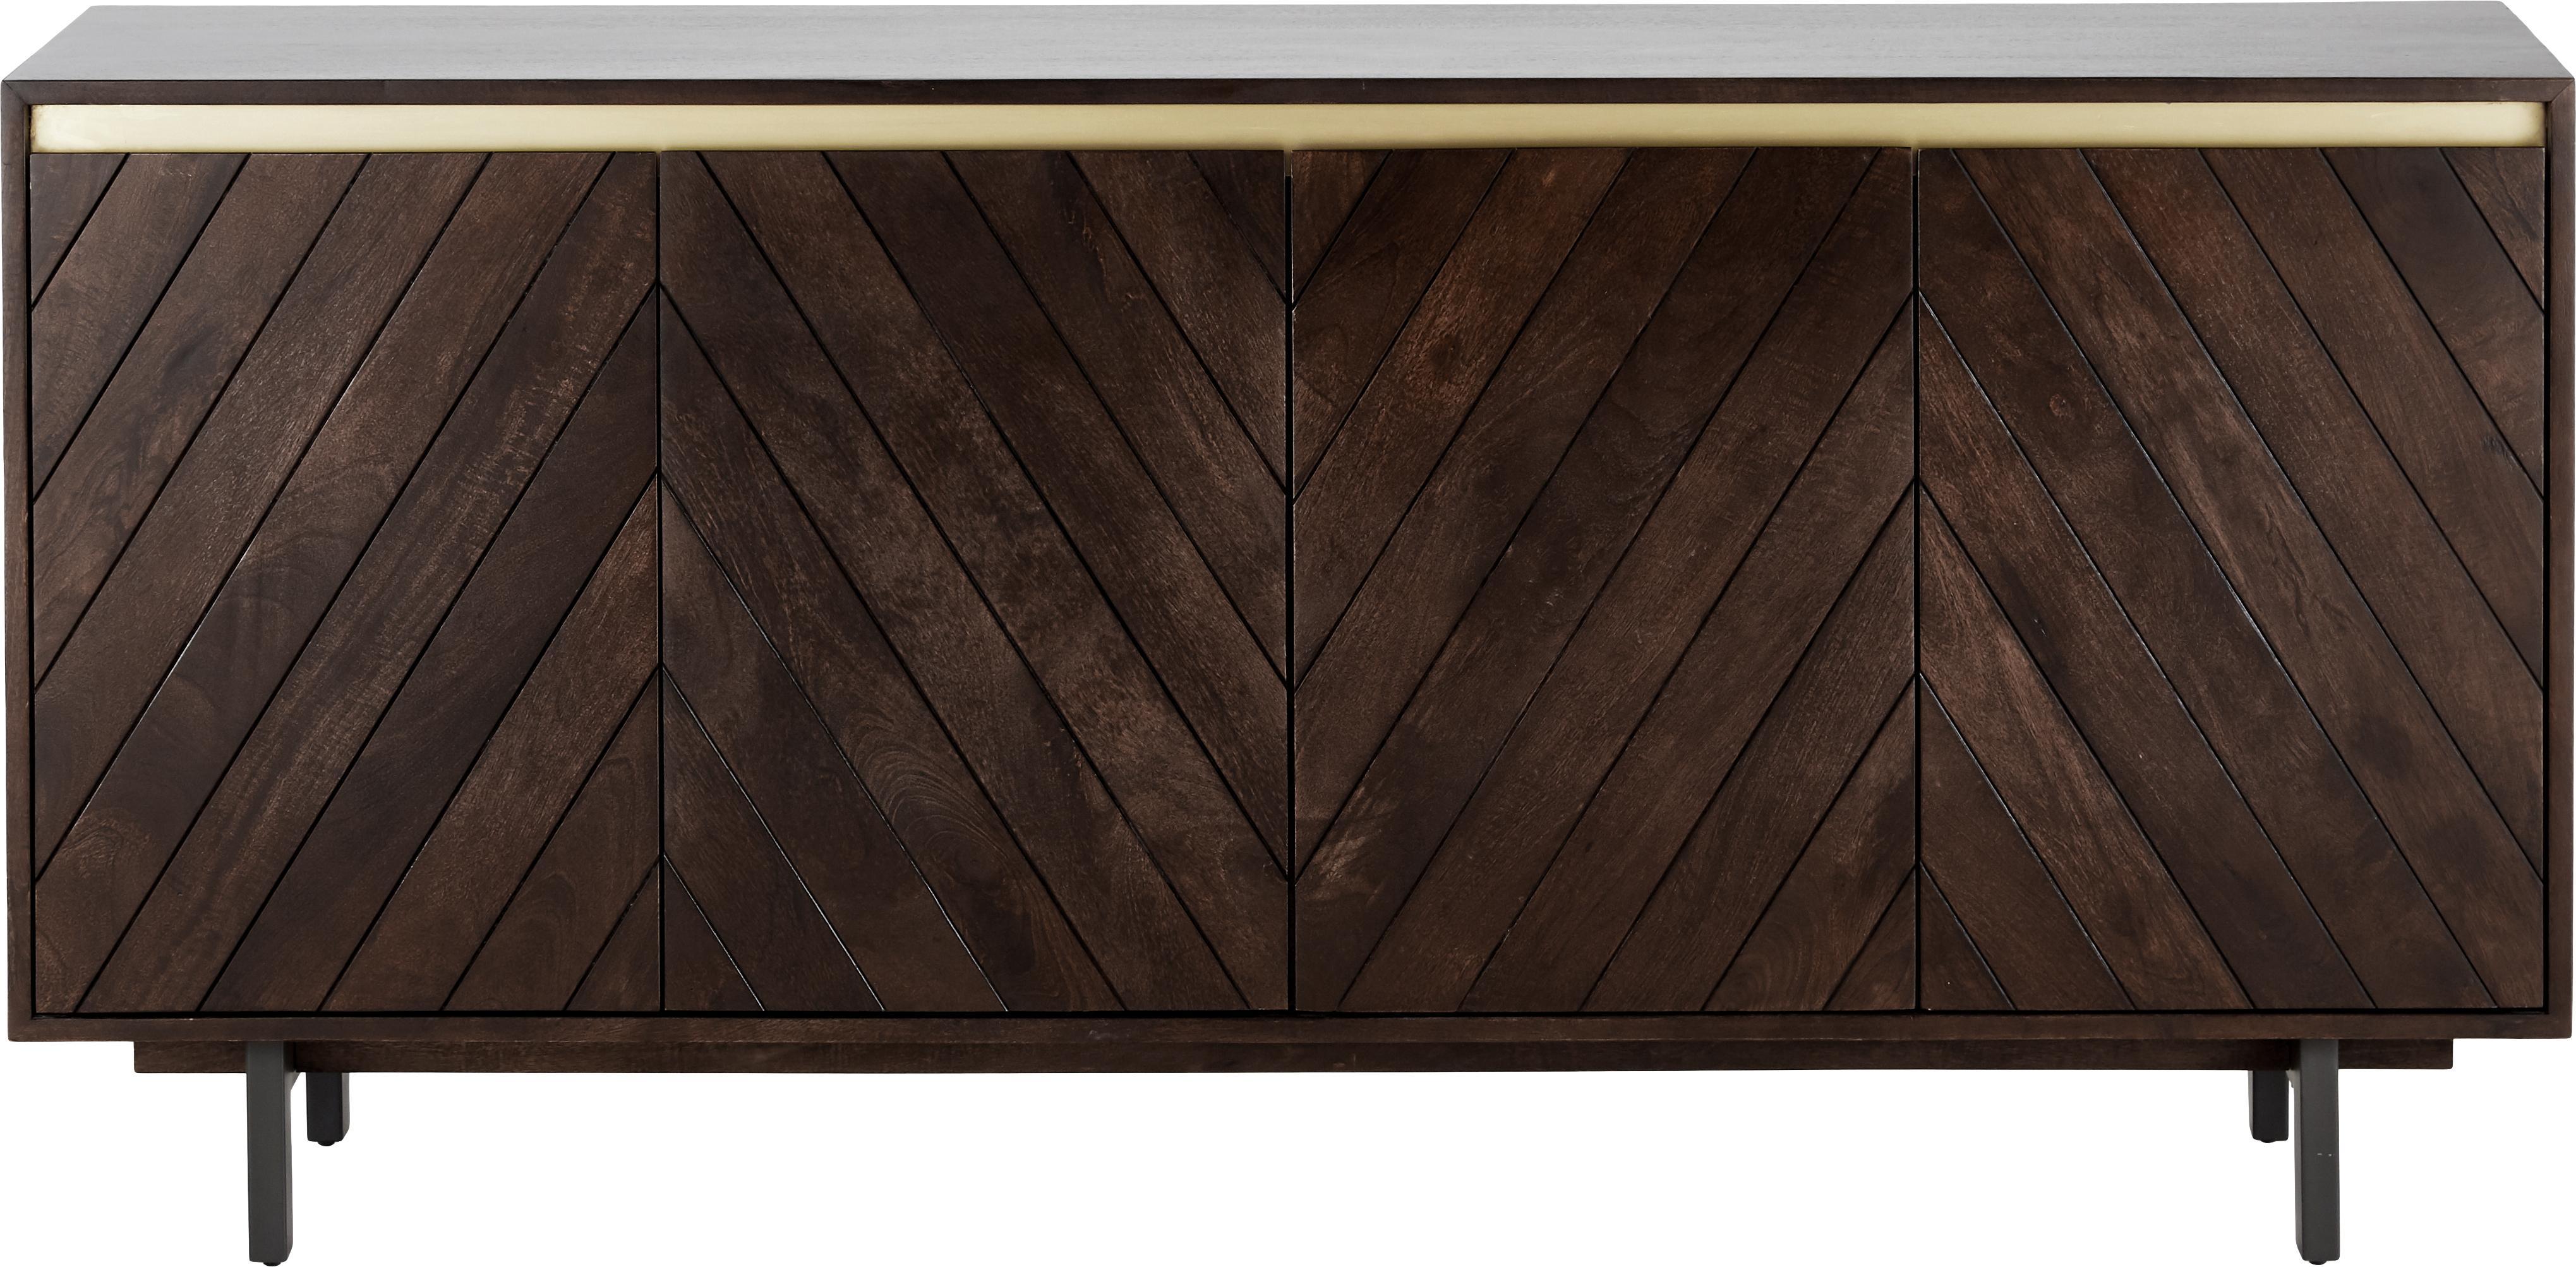 Komoda z litego drewna Karl, Korpus: lite drewno mangowe, laki, Nogi: metal malowany proszkowo, Drewno mangowe, odcienie złotego, S 165 x W 61 cm